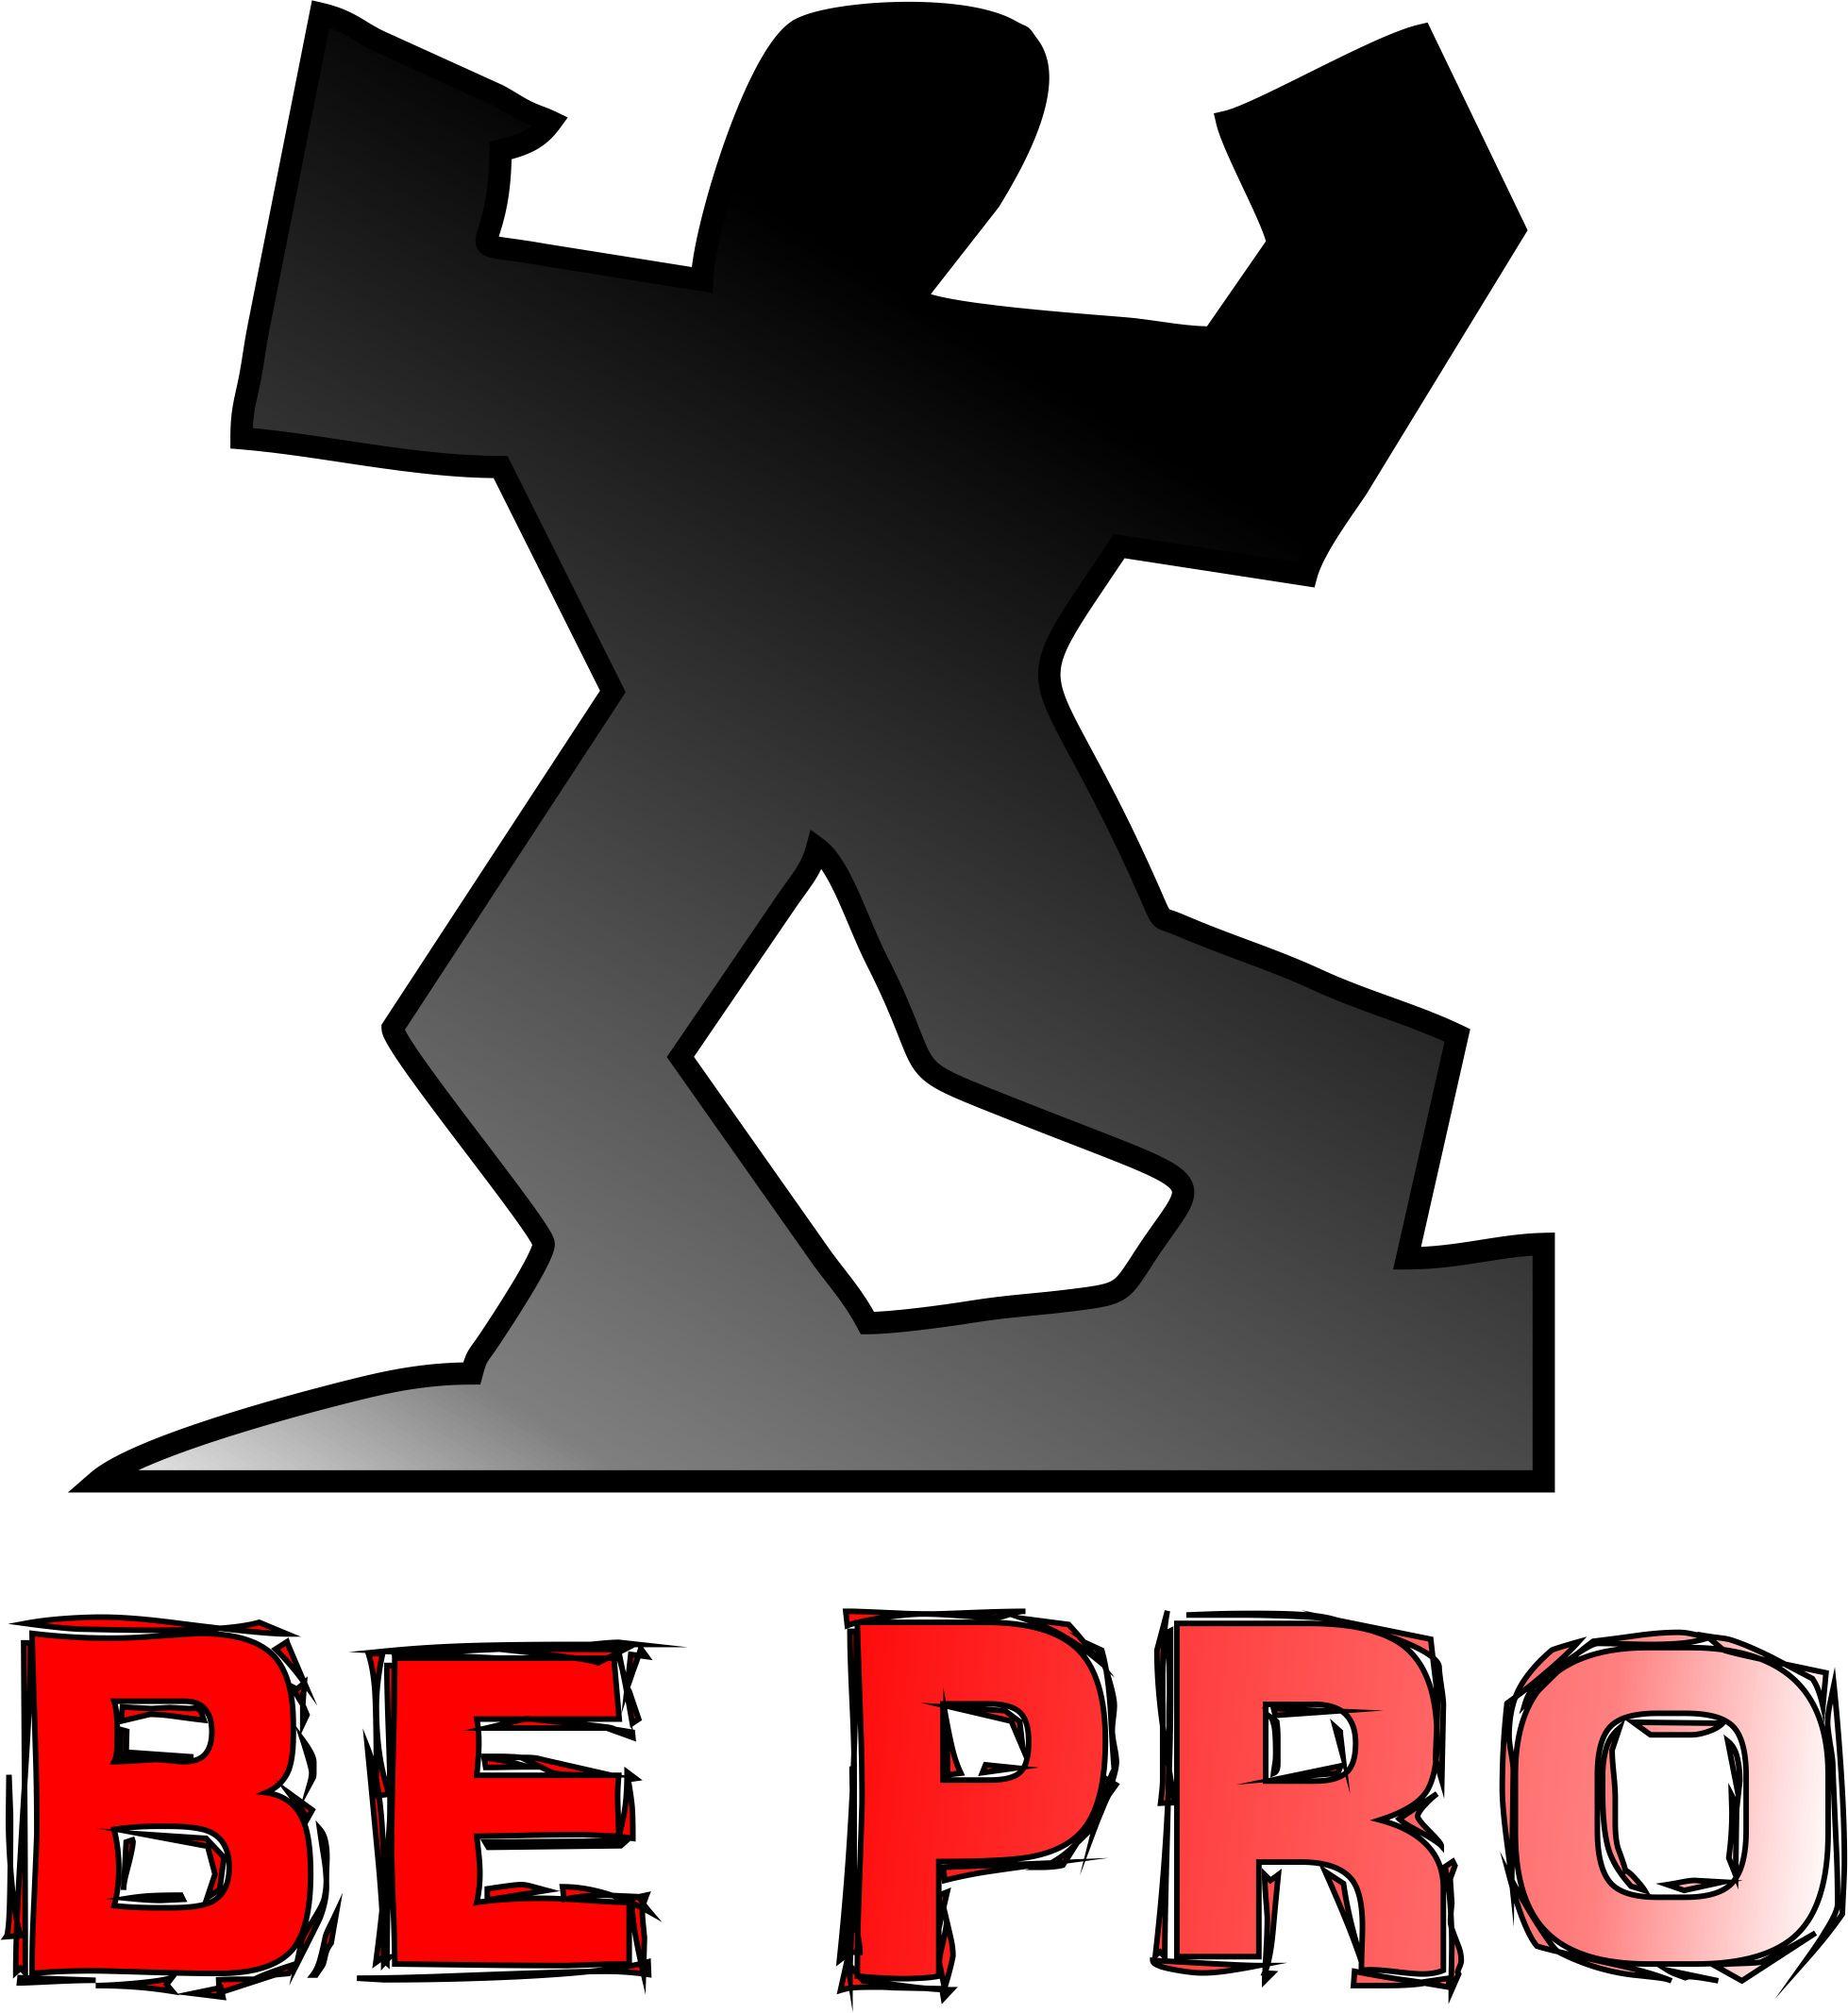 Лого+символ для марки Спортивного питания фото f_751596d422def339.jpg